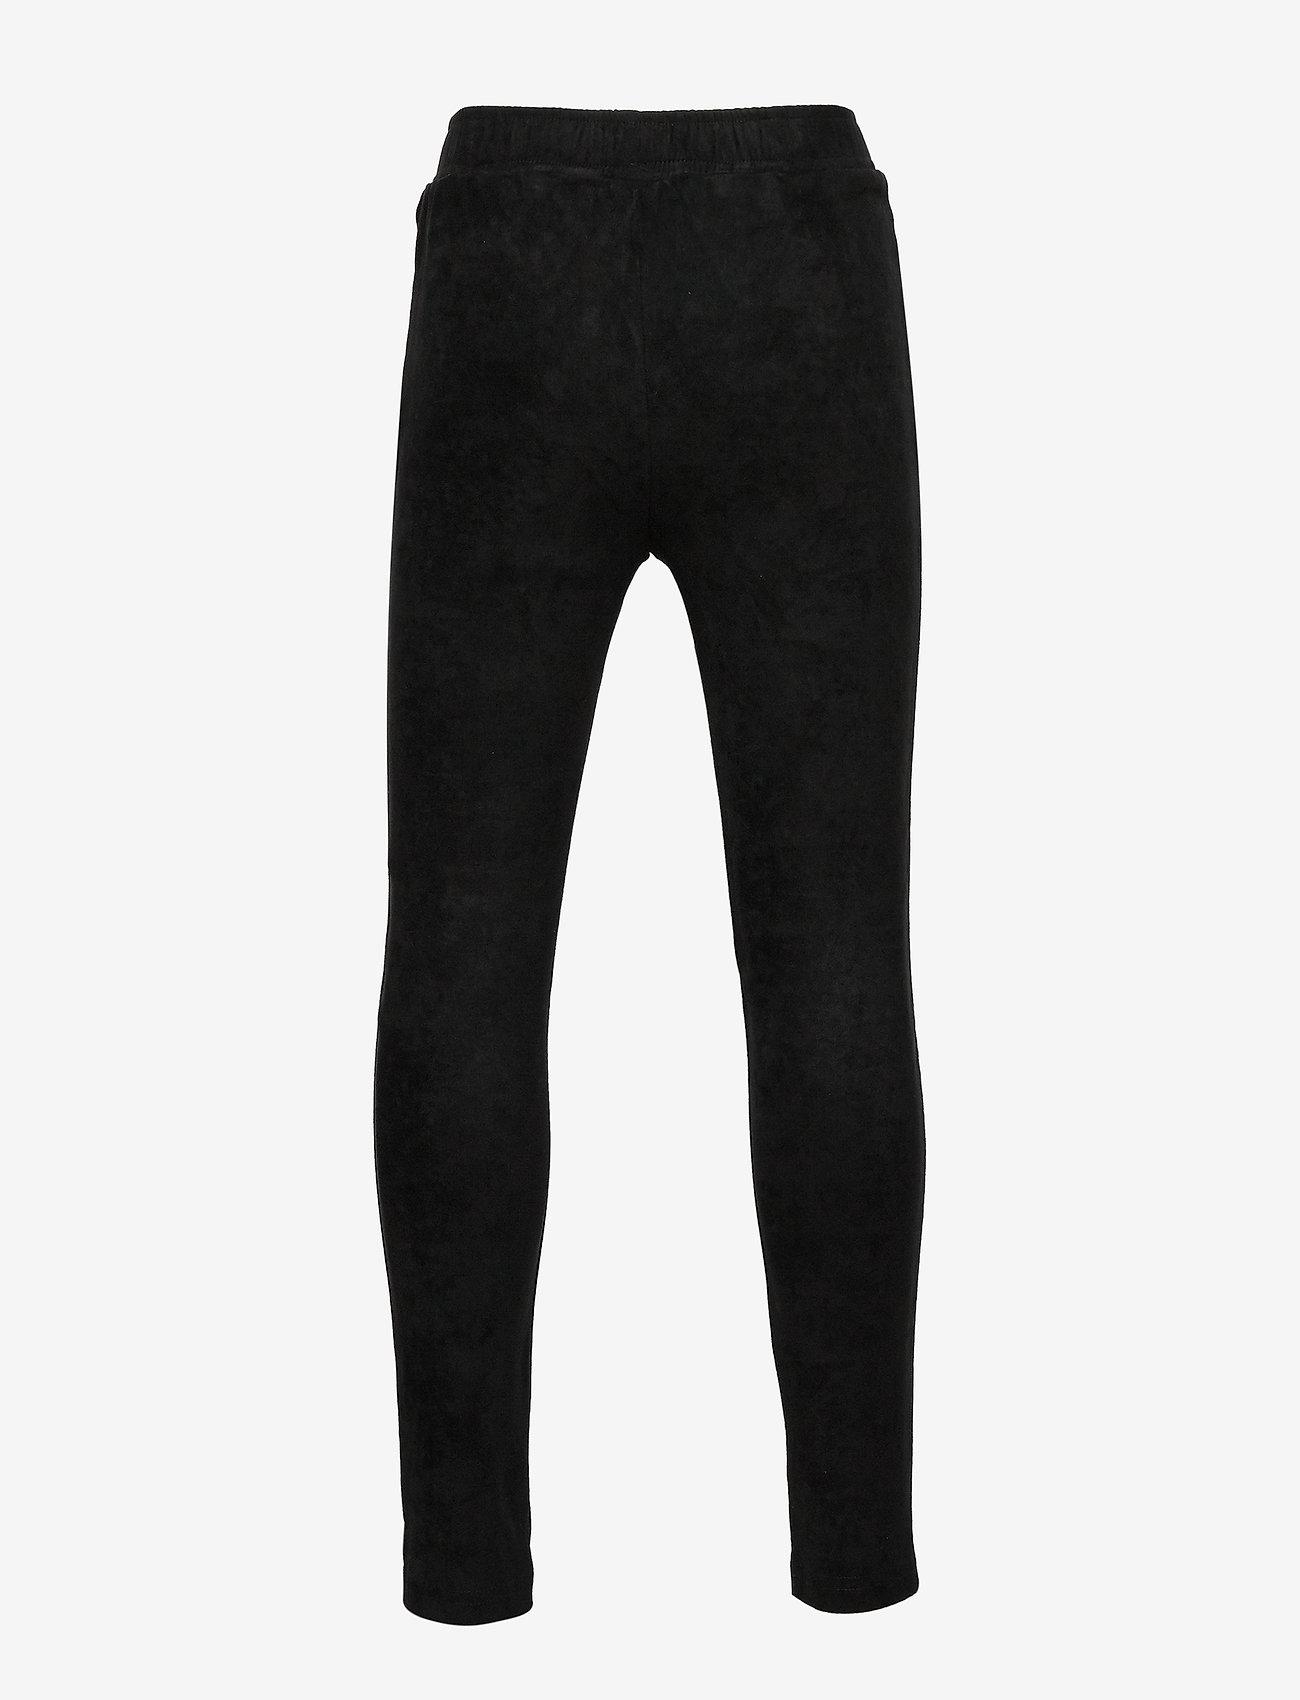 Petit by Sofie Schnoor - Leggins - leggings - black - 1